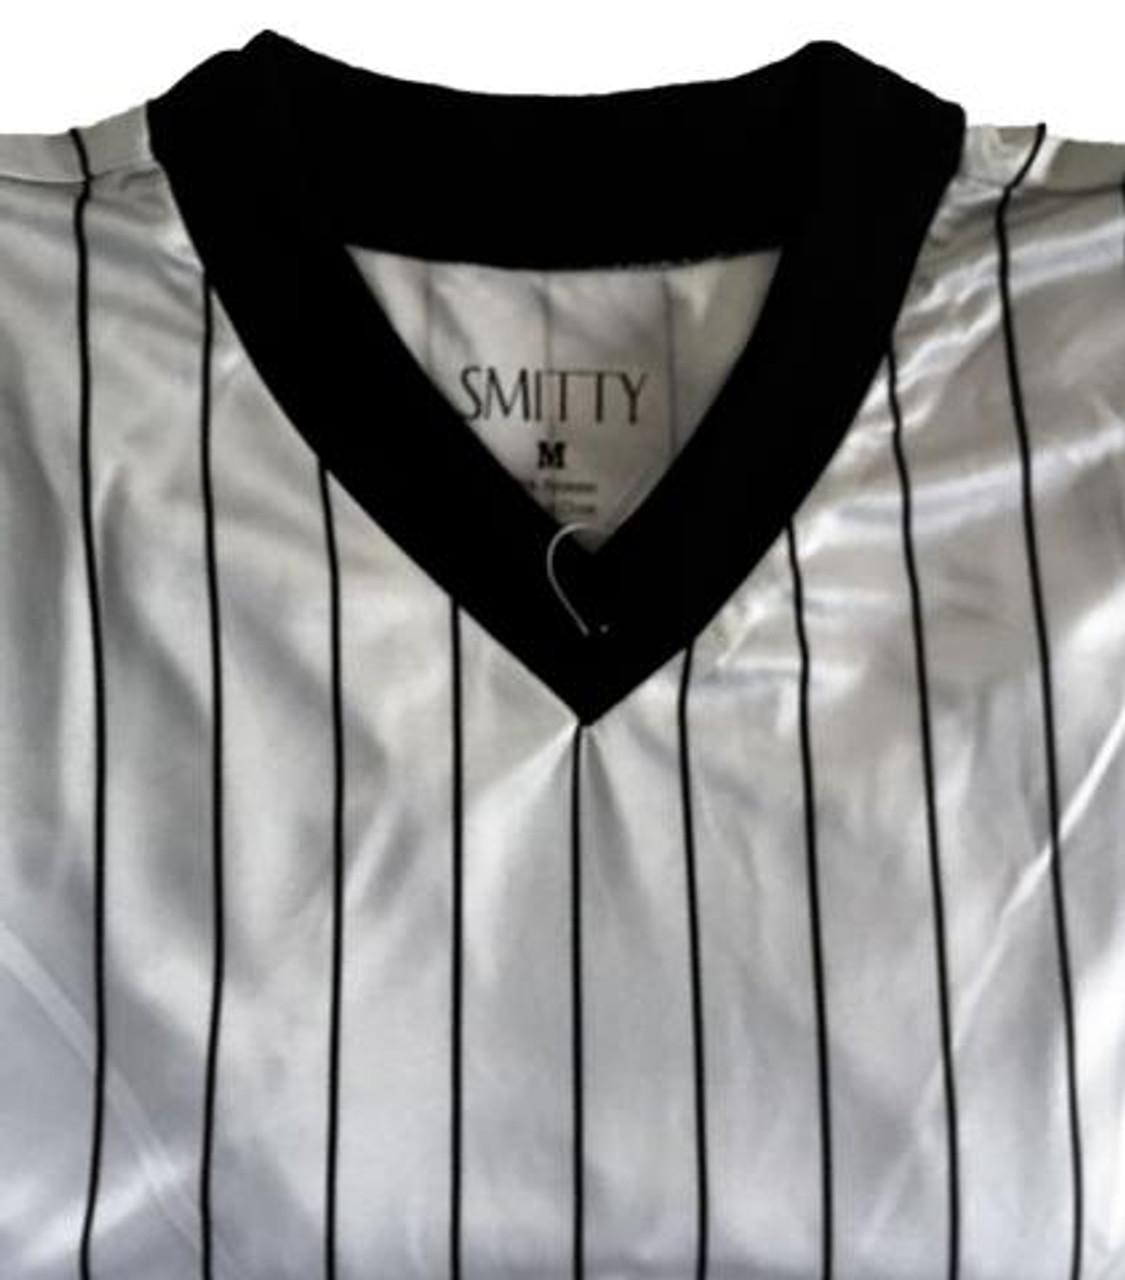 Illinois IHSA Ultra Mesh Gray Pinstripe Wrestling Referee Shirt